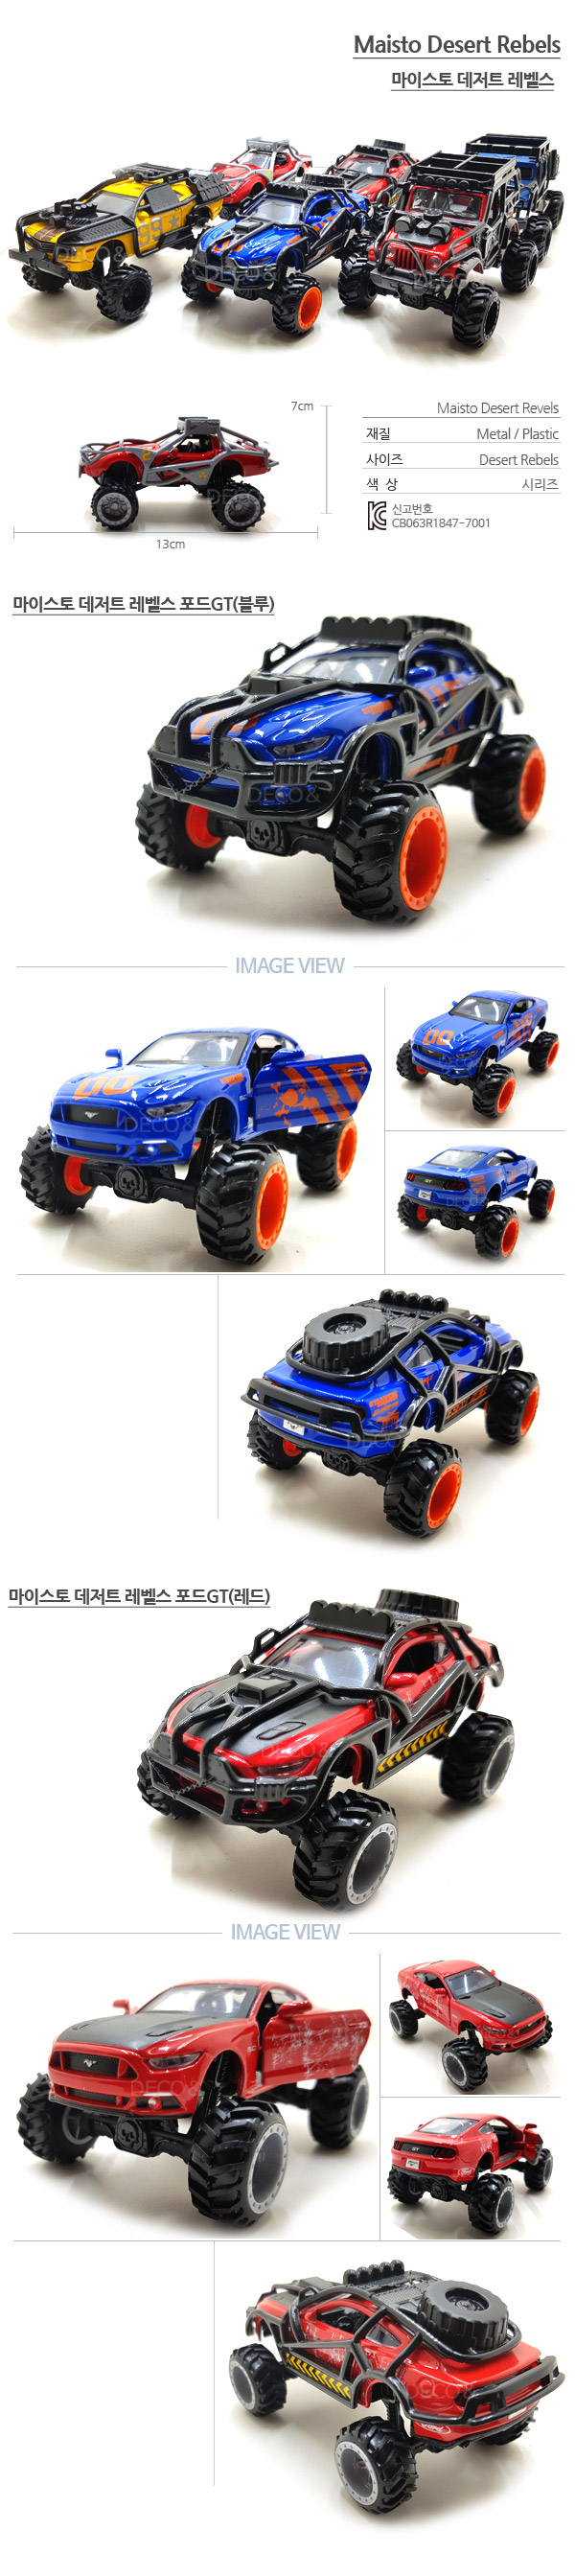 마이스토 데저트 레벨스 포드 GT - 마이스토, 13,000원, 자동차 모형, RV/SUV